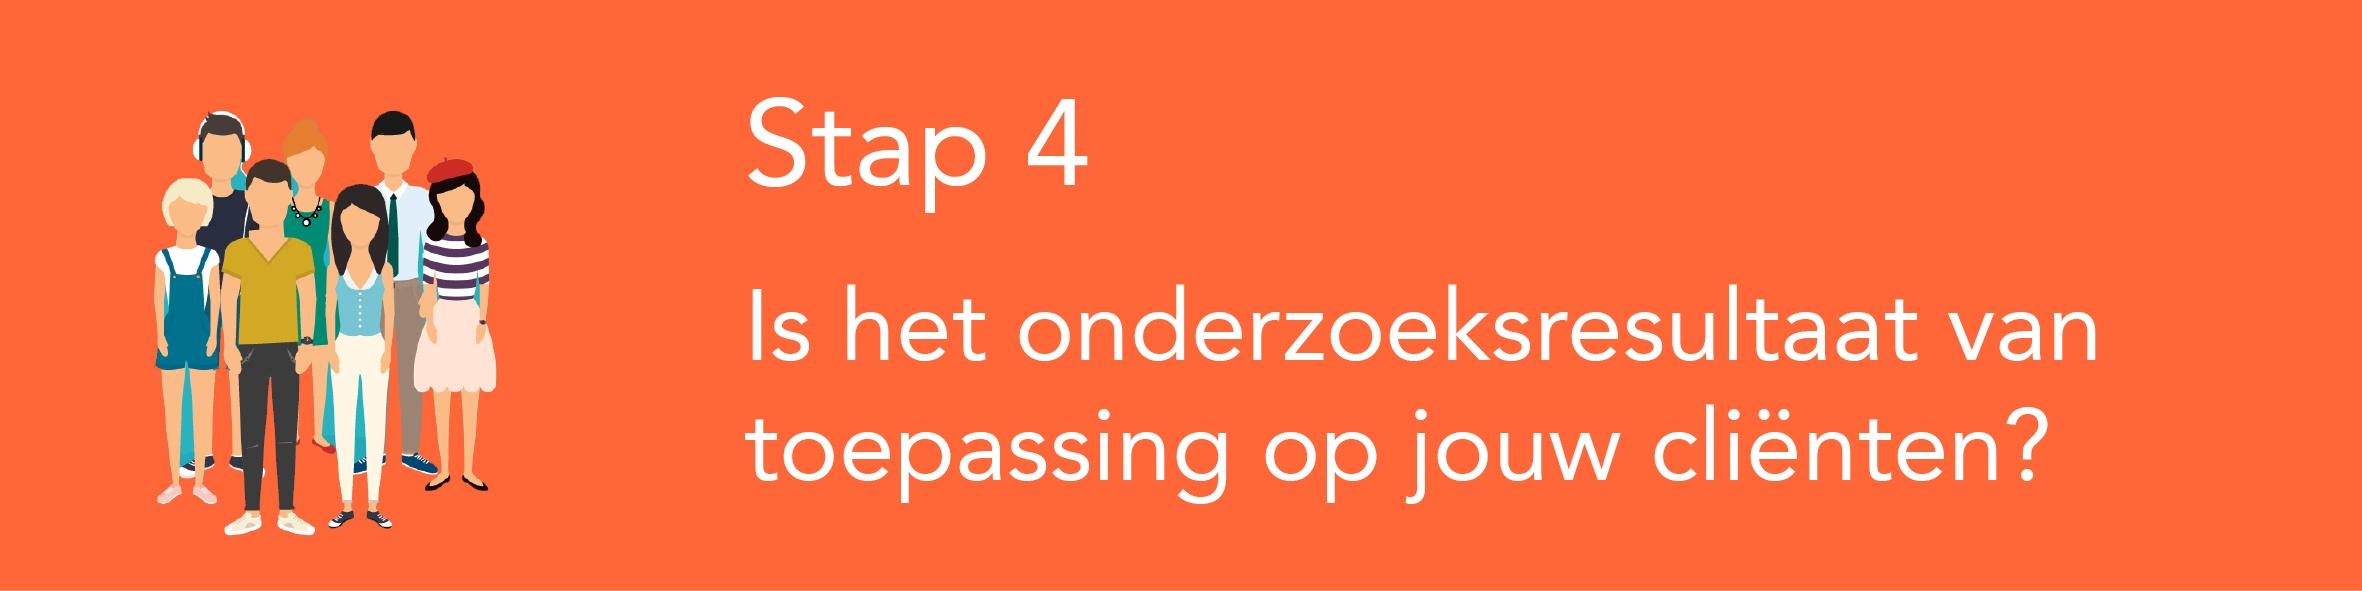 stappen-onderzoek-in-oranje-met-tekst4-4